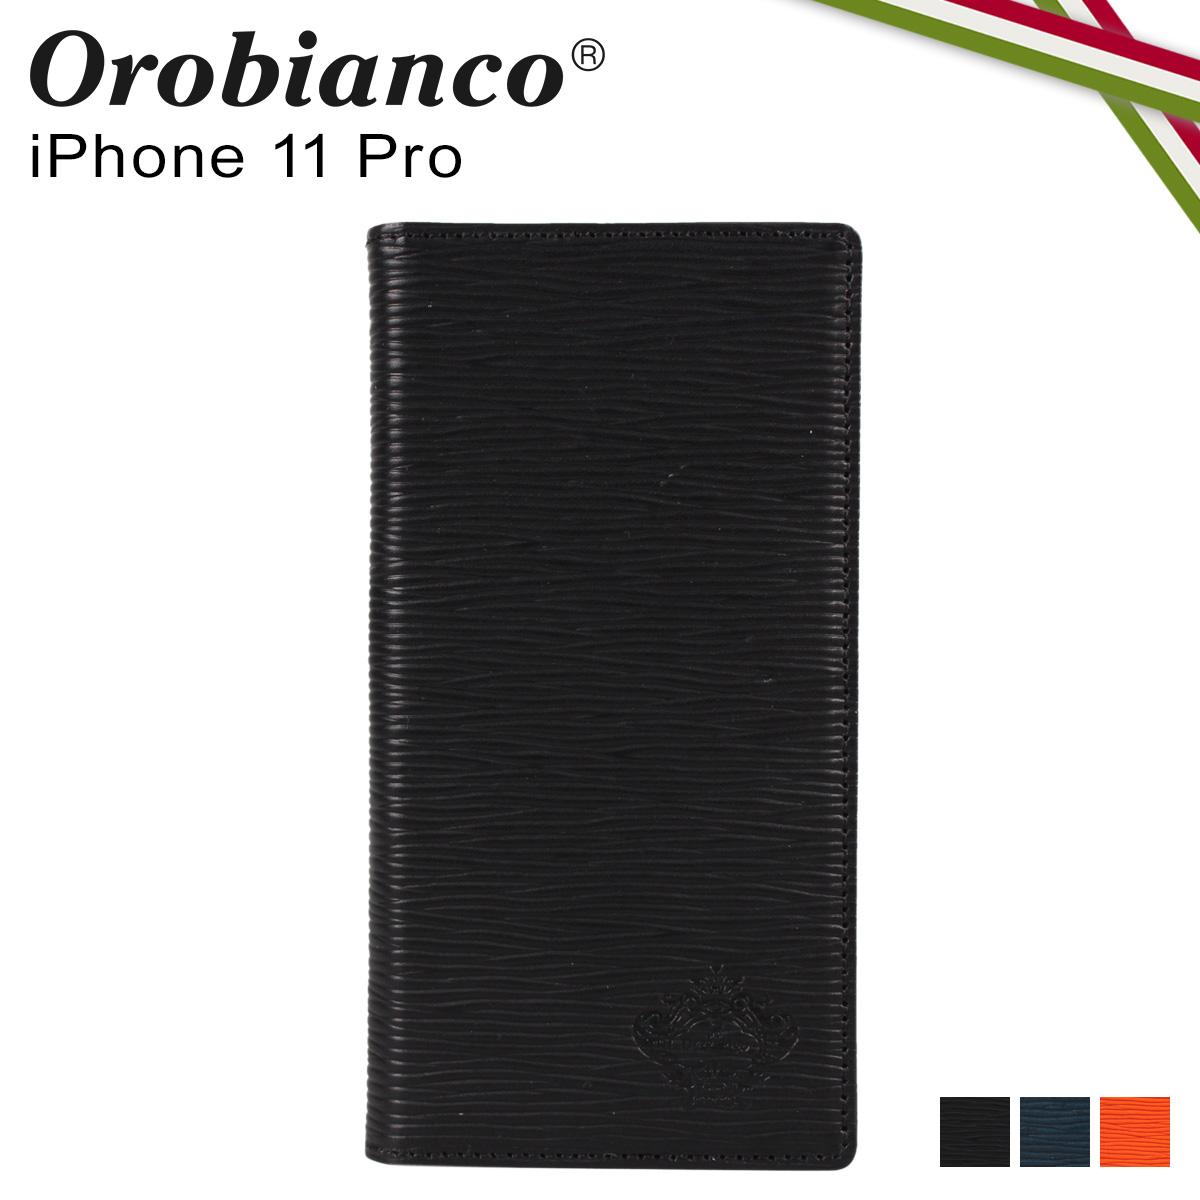 Orobianco オロビアンコ iPhone11 Pro ケース スマホ 携帯 手帳型 アイフォン メンズ レディース ONDA BOOK TYPE SMARTPHONE CASE ブラック ネイビー オレンジ 黒 ORIP-0006-11Pro